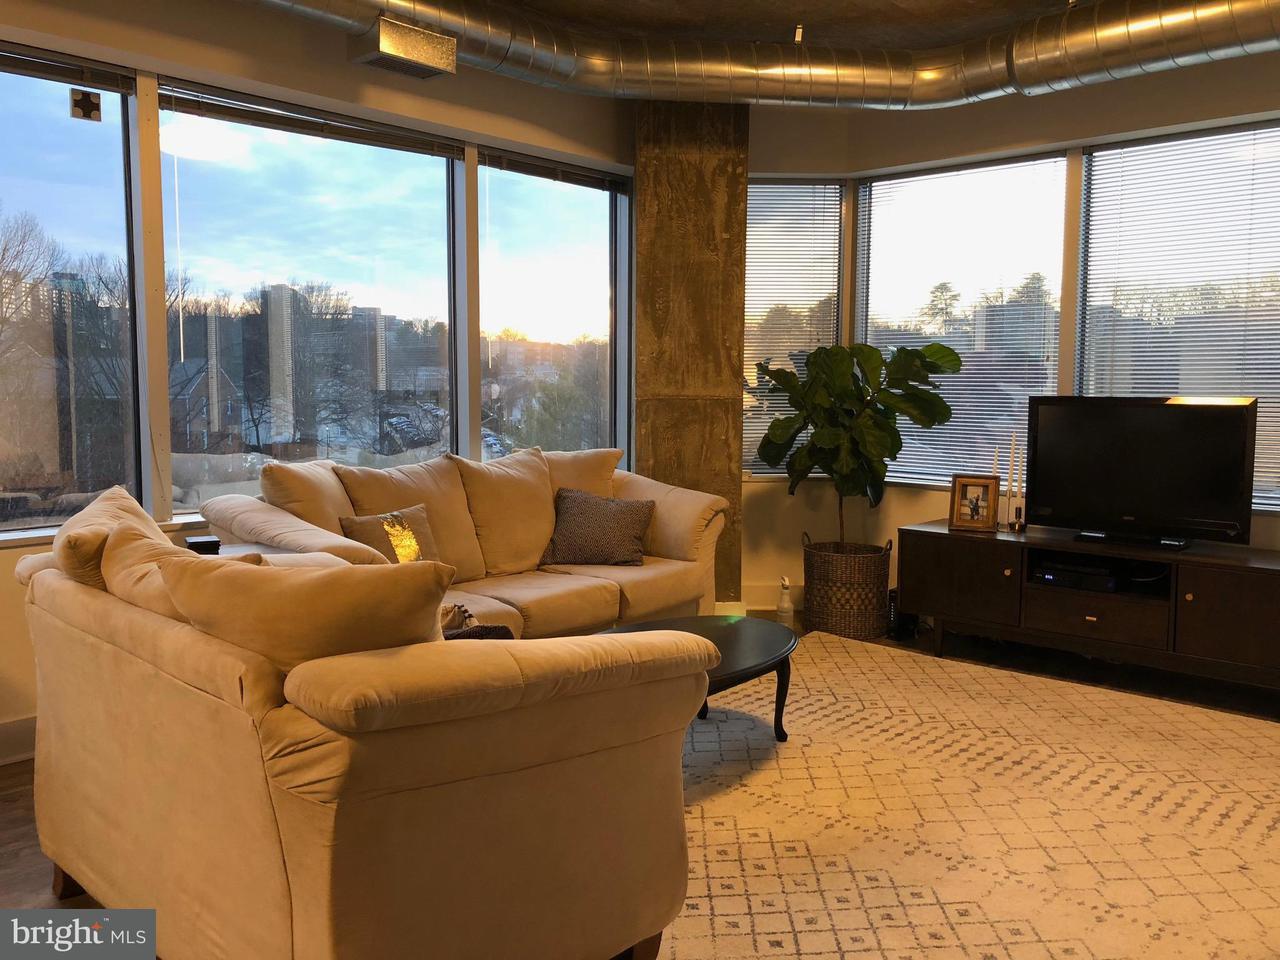 Condominium for Rent at 4501 Ford Ave #406 Alexandria, Virginia 22302 United States